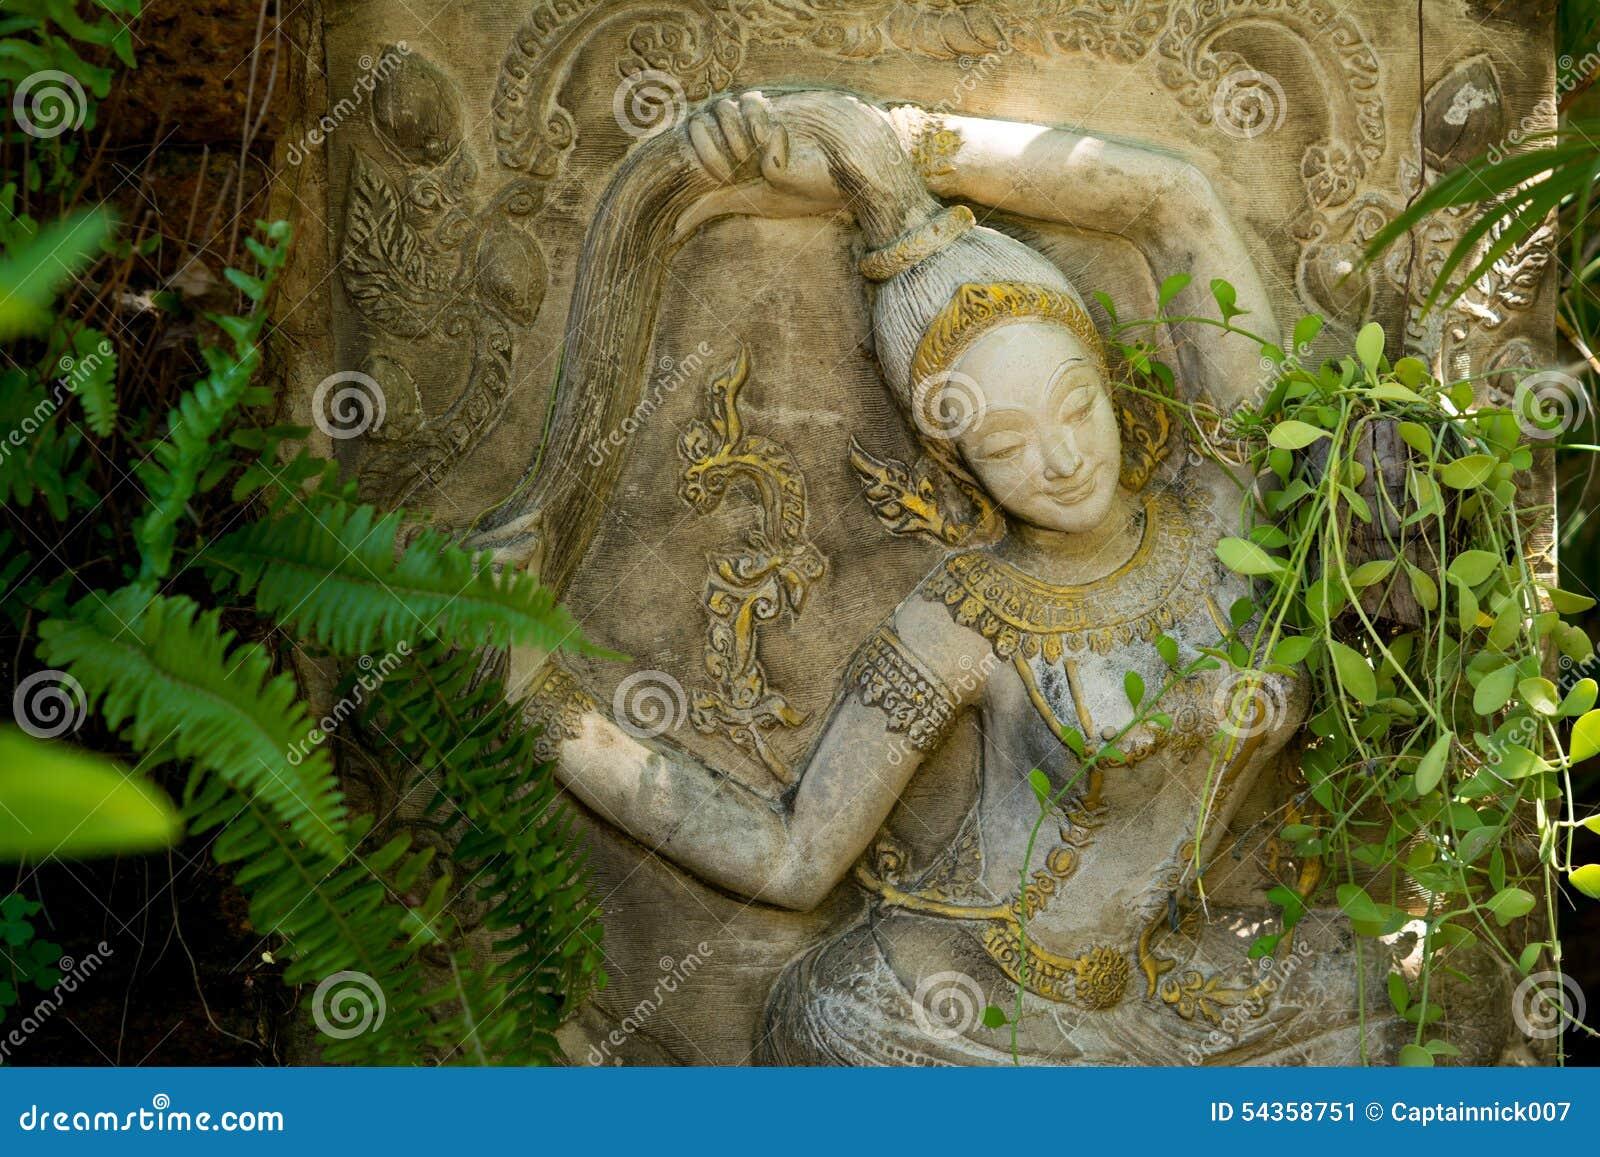 Un mondo nuovo. Mother-earth-statue-garden-decoration-staff-which-beautiful-peace-54358751